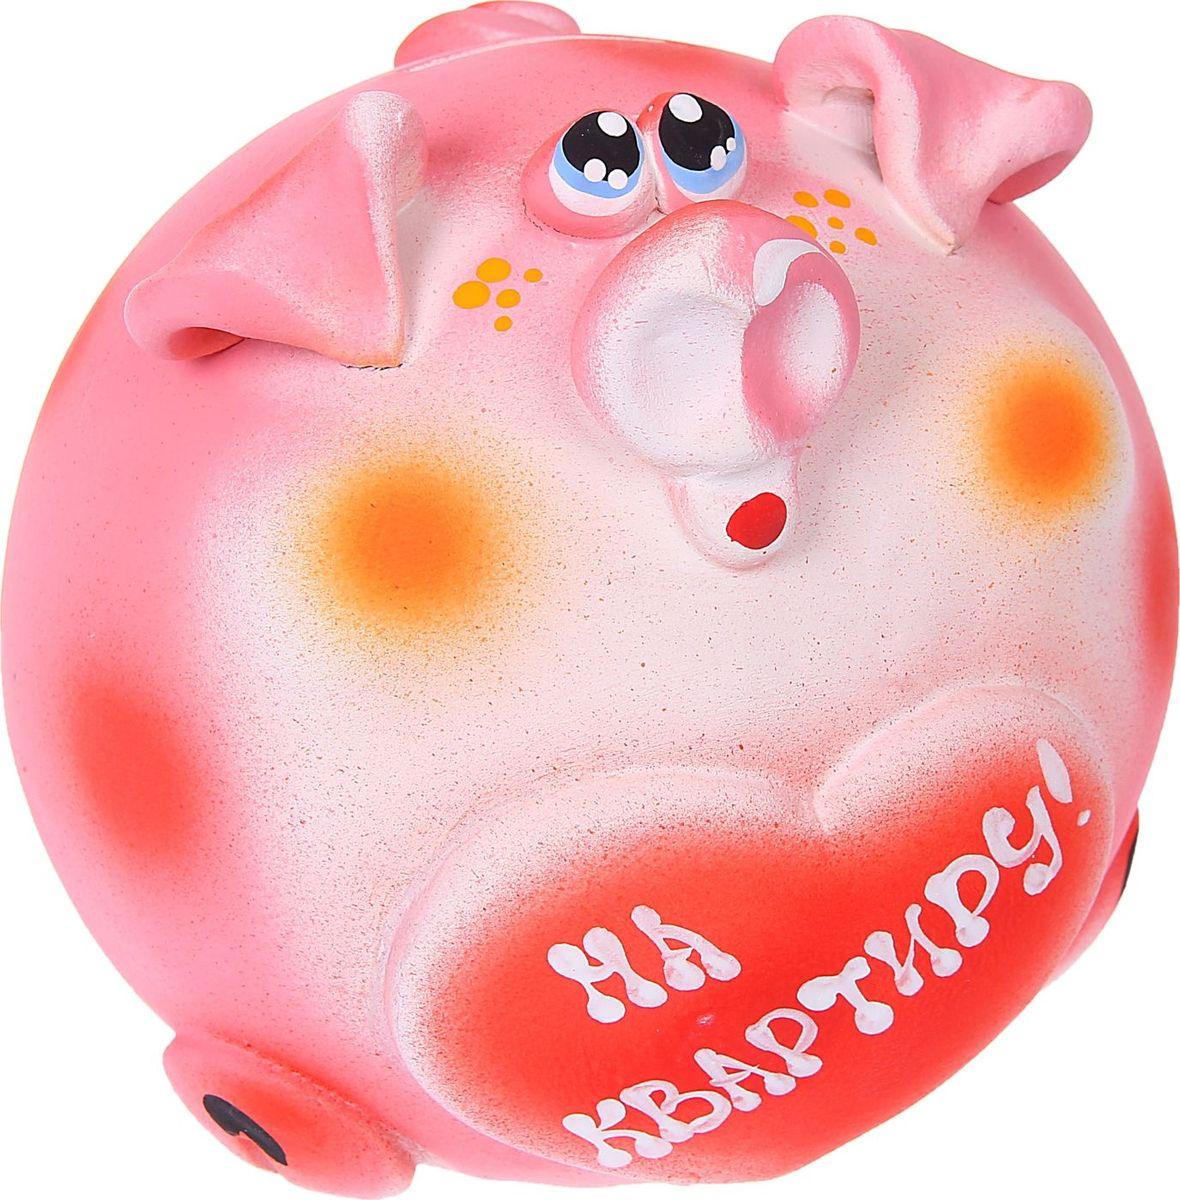 Копилка Свинка, 13 х 13 х 14 см489029Копилка-свинка символизирует растущее богатство. Она помогает сохранить те накопления, которые у вас уже имеются, и будет их постоянно пополнять. Желательно поставить её на видное место и положить рядом жёлудь. Пусть все подкармливают вашу хрюшку любыми монетами и даже бумажными купюрами, ведь это непривередливое животное. Не забывайте время от времени натирать ей пятачок - этот ритуал будет привлекать в дом крупные финансовые поступления.Копилка является многоразовой, что позволит вам воспользоваться накопленными деньгами в любой момент.